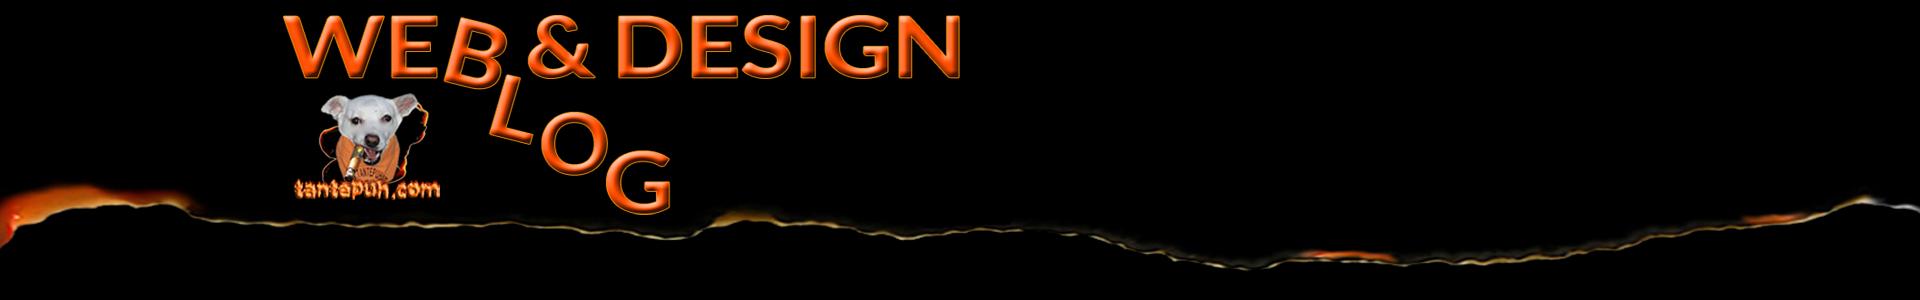 Blog Internet rund ums Web und Design - Tipps und Informationen zur Homepage und Webseitenerstellung, Webseiten Check - rund ums Webdesign - Erstellung und Gestaltung